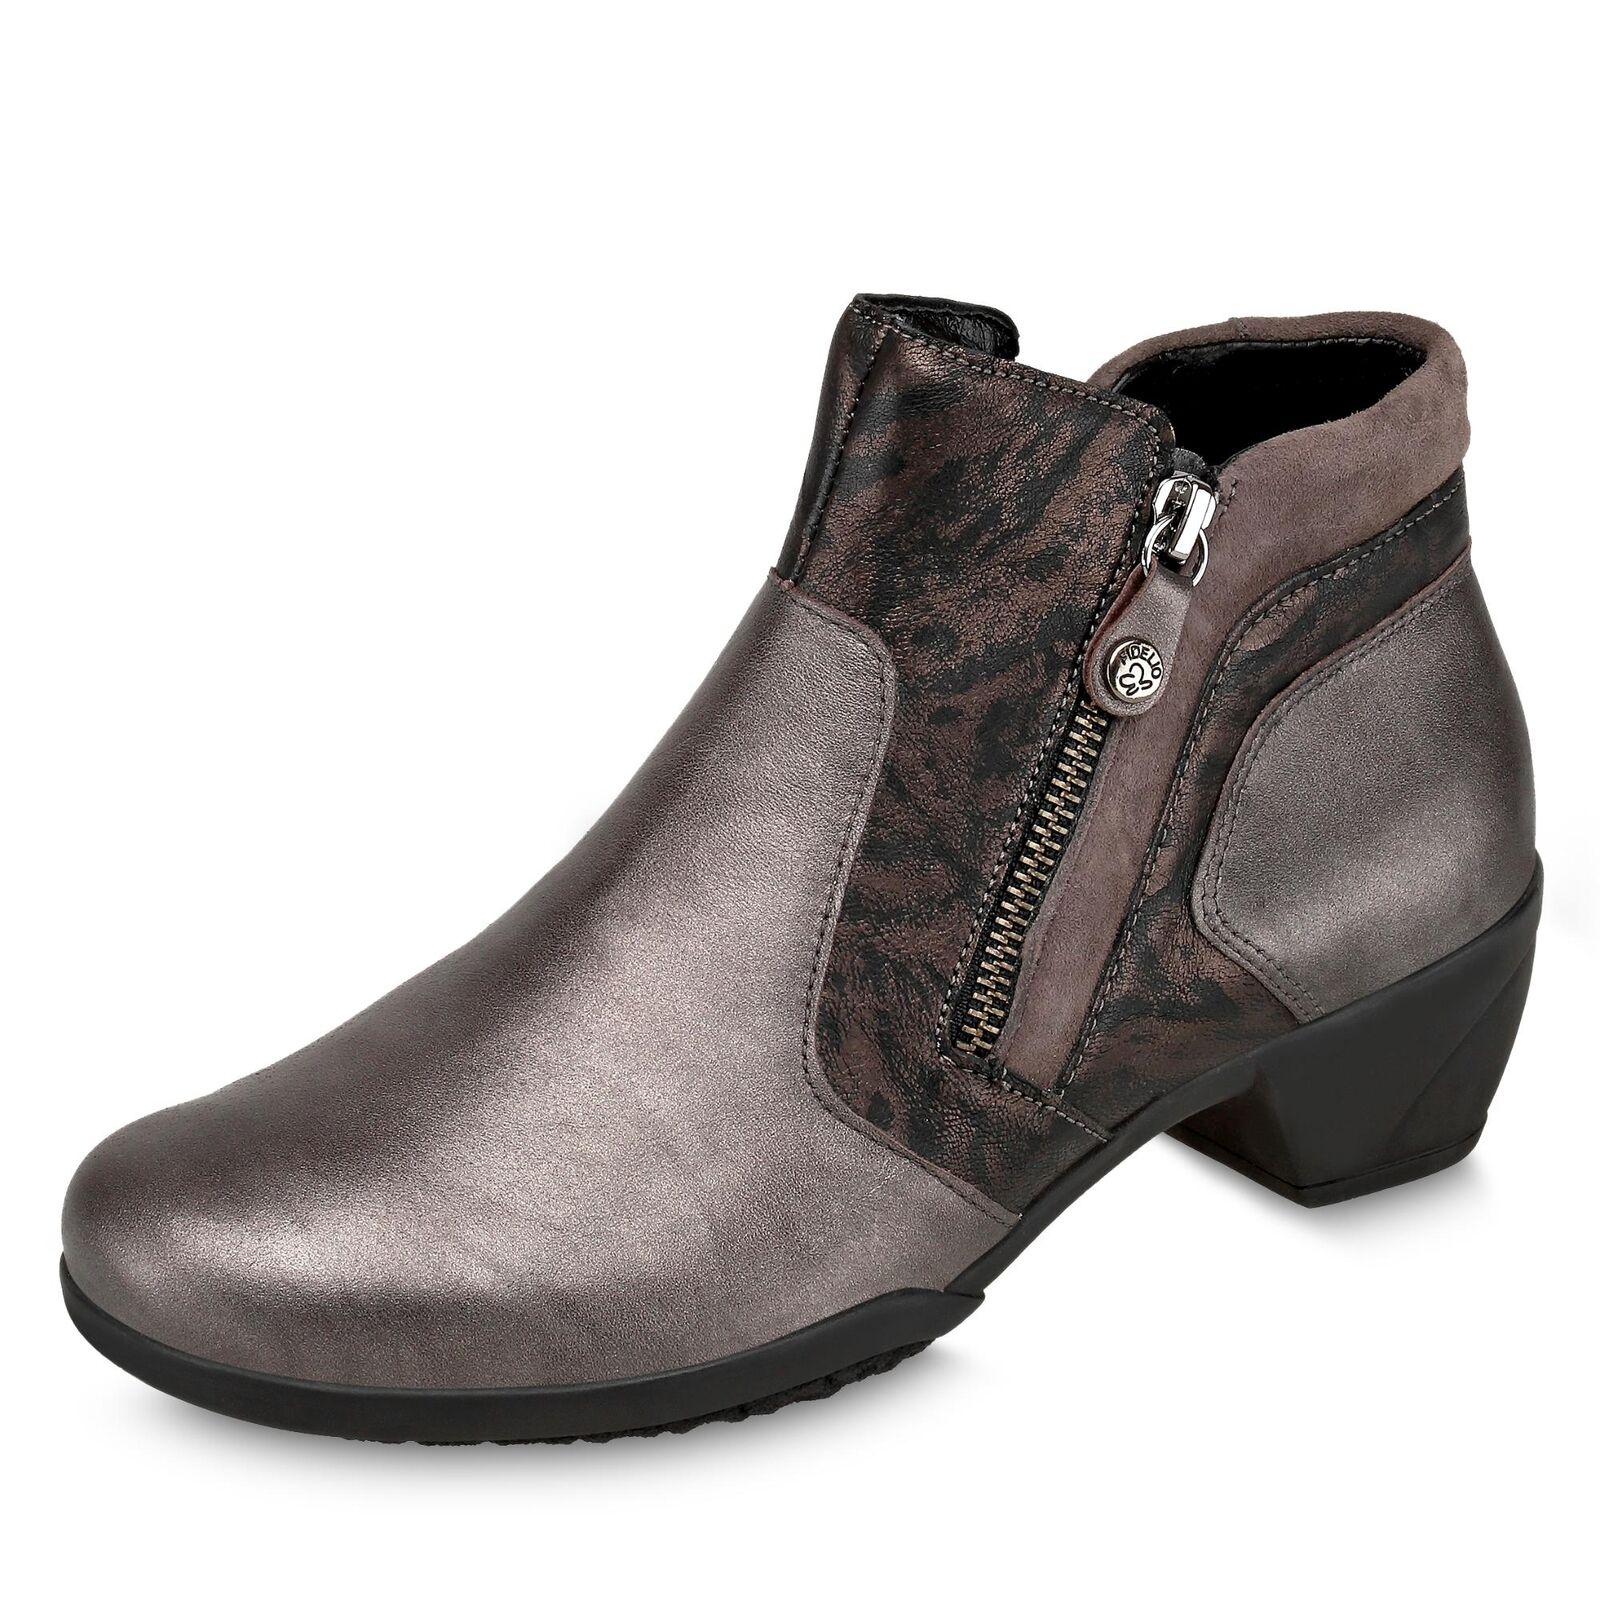 Fidelio Damen klassische Stiefelette Stiefel 35-mm-Absatz Weite H Schuhe bronze